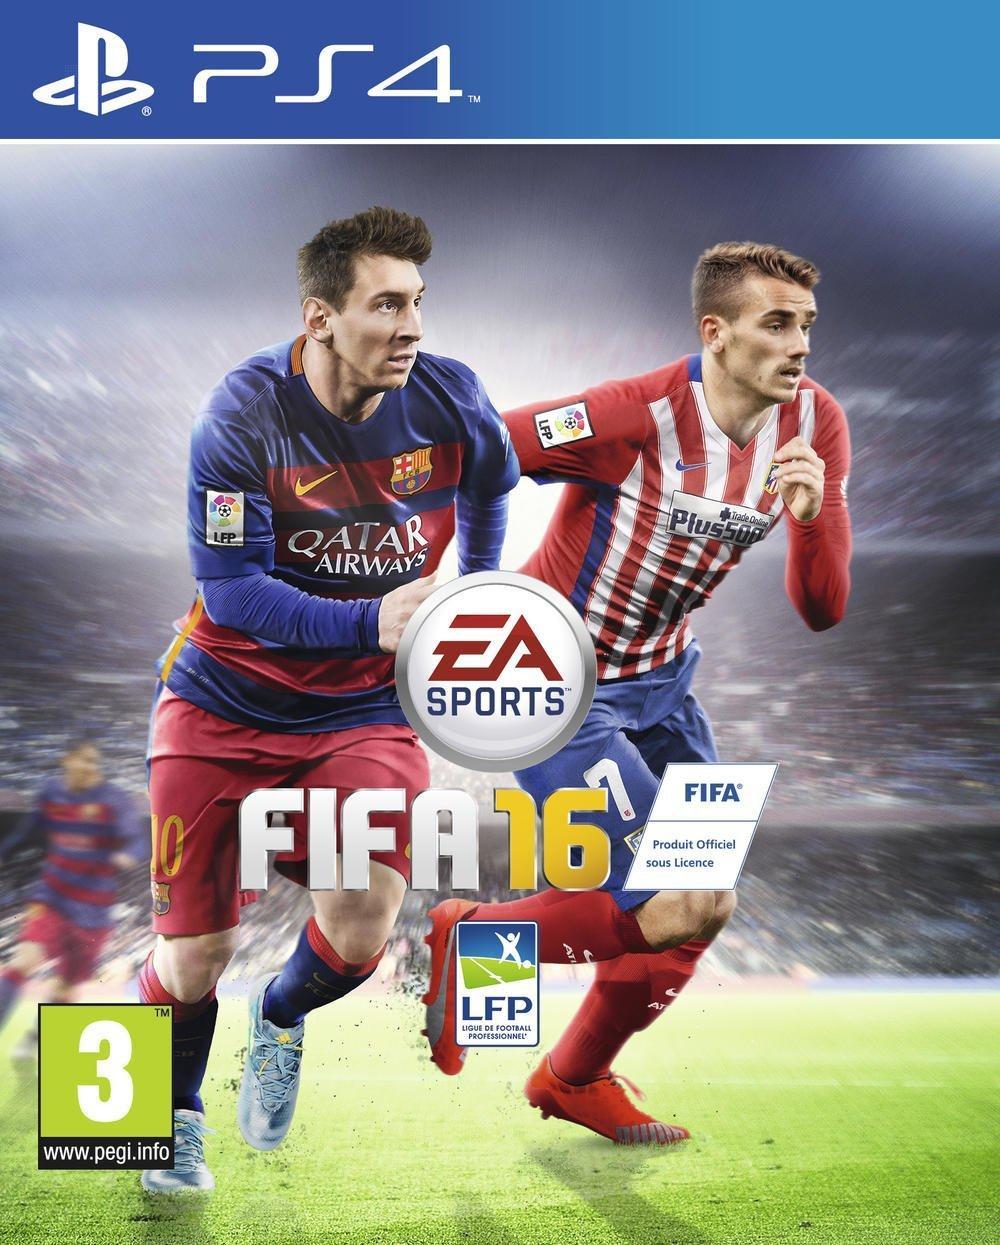 Fifa 16 Édition standard sur PS4 et Xbox One